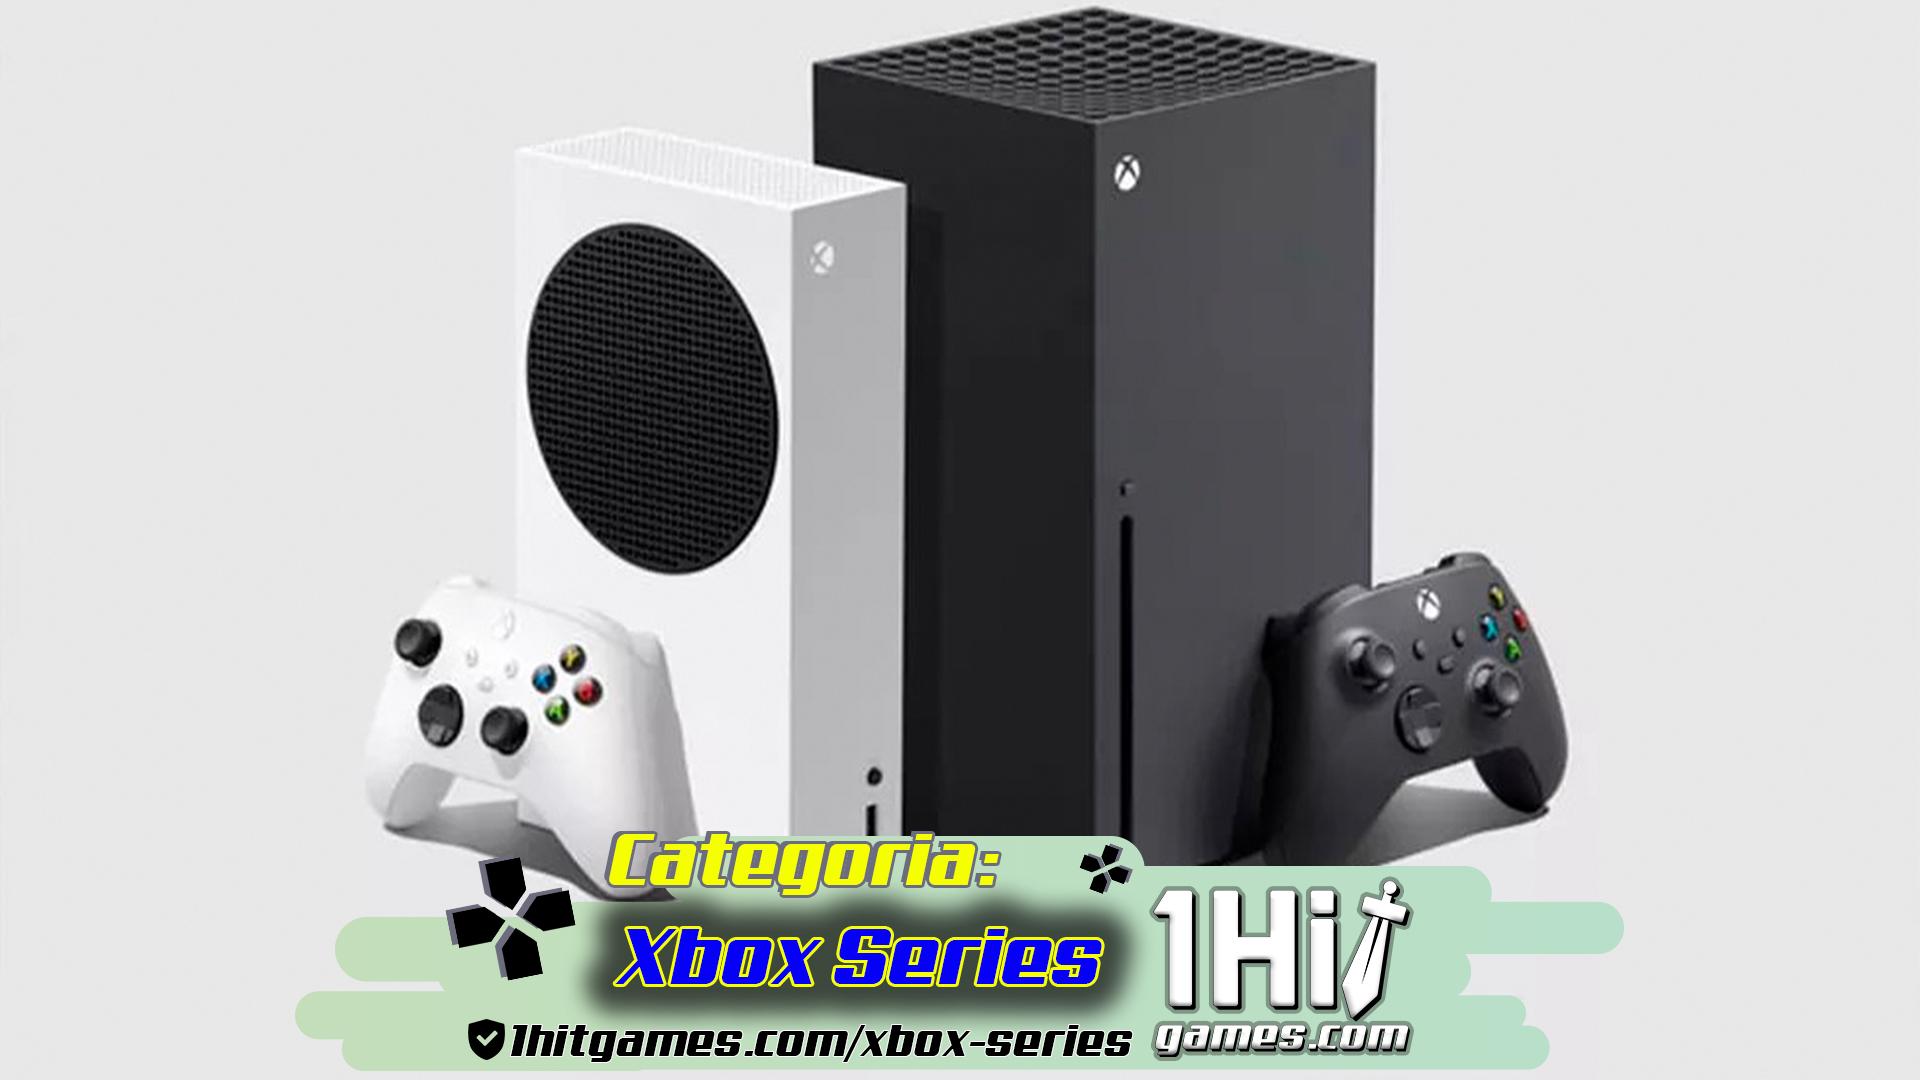 xbox series x s games 1hitgames jogos eletronicos categorias 1hit microsoft console novidade tecnologia digital